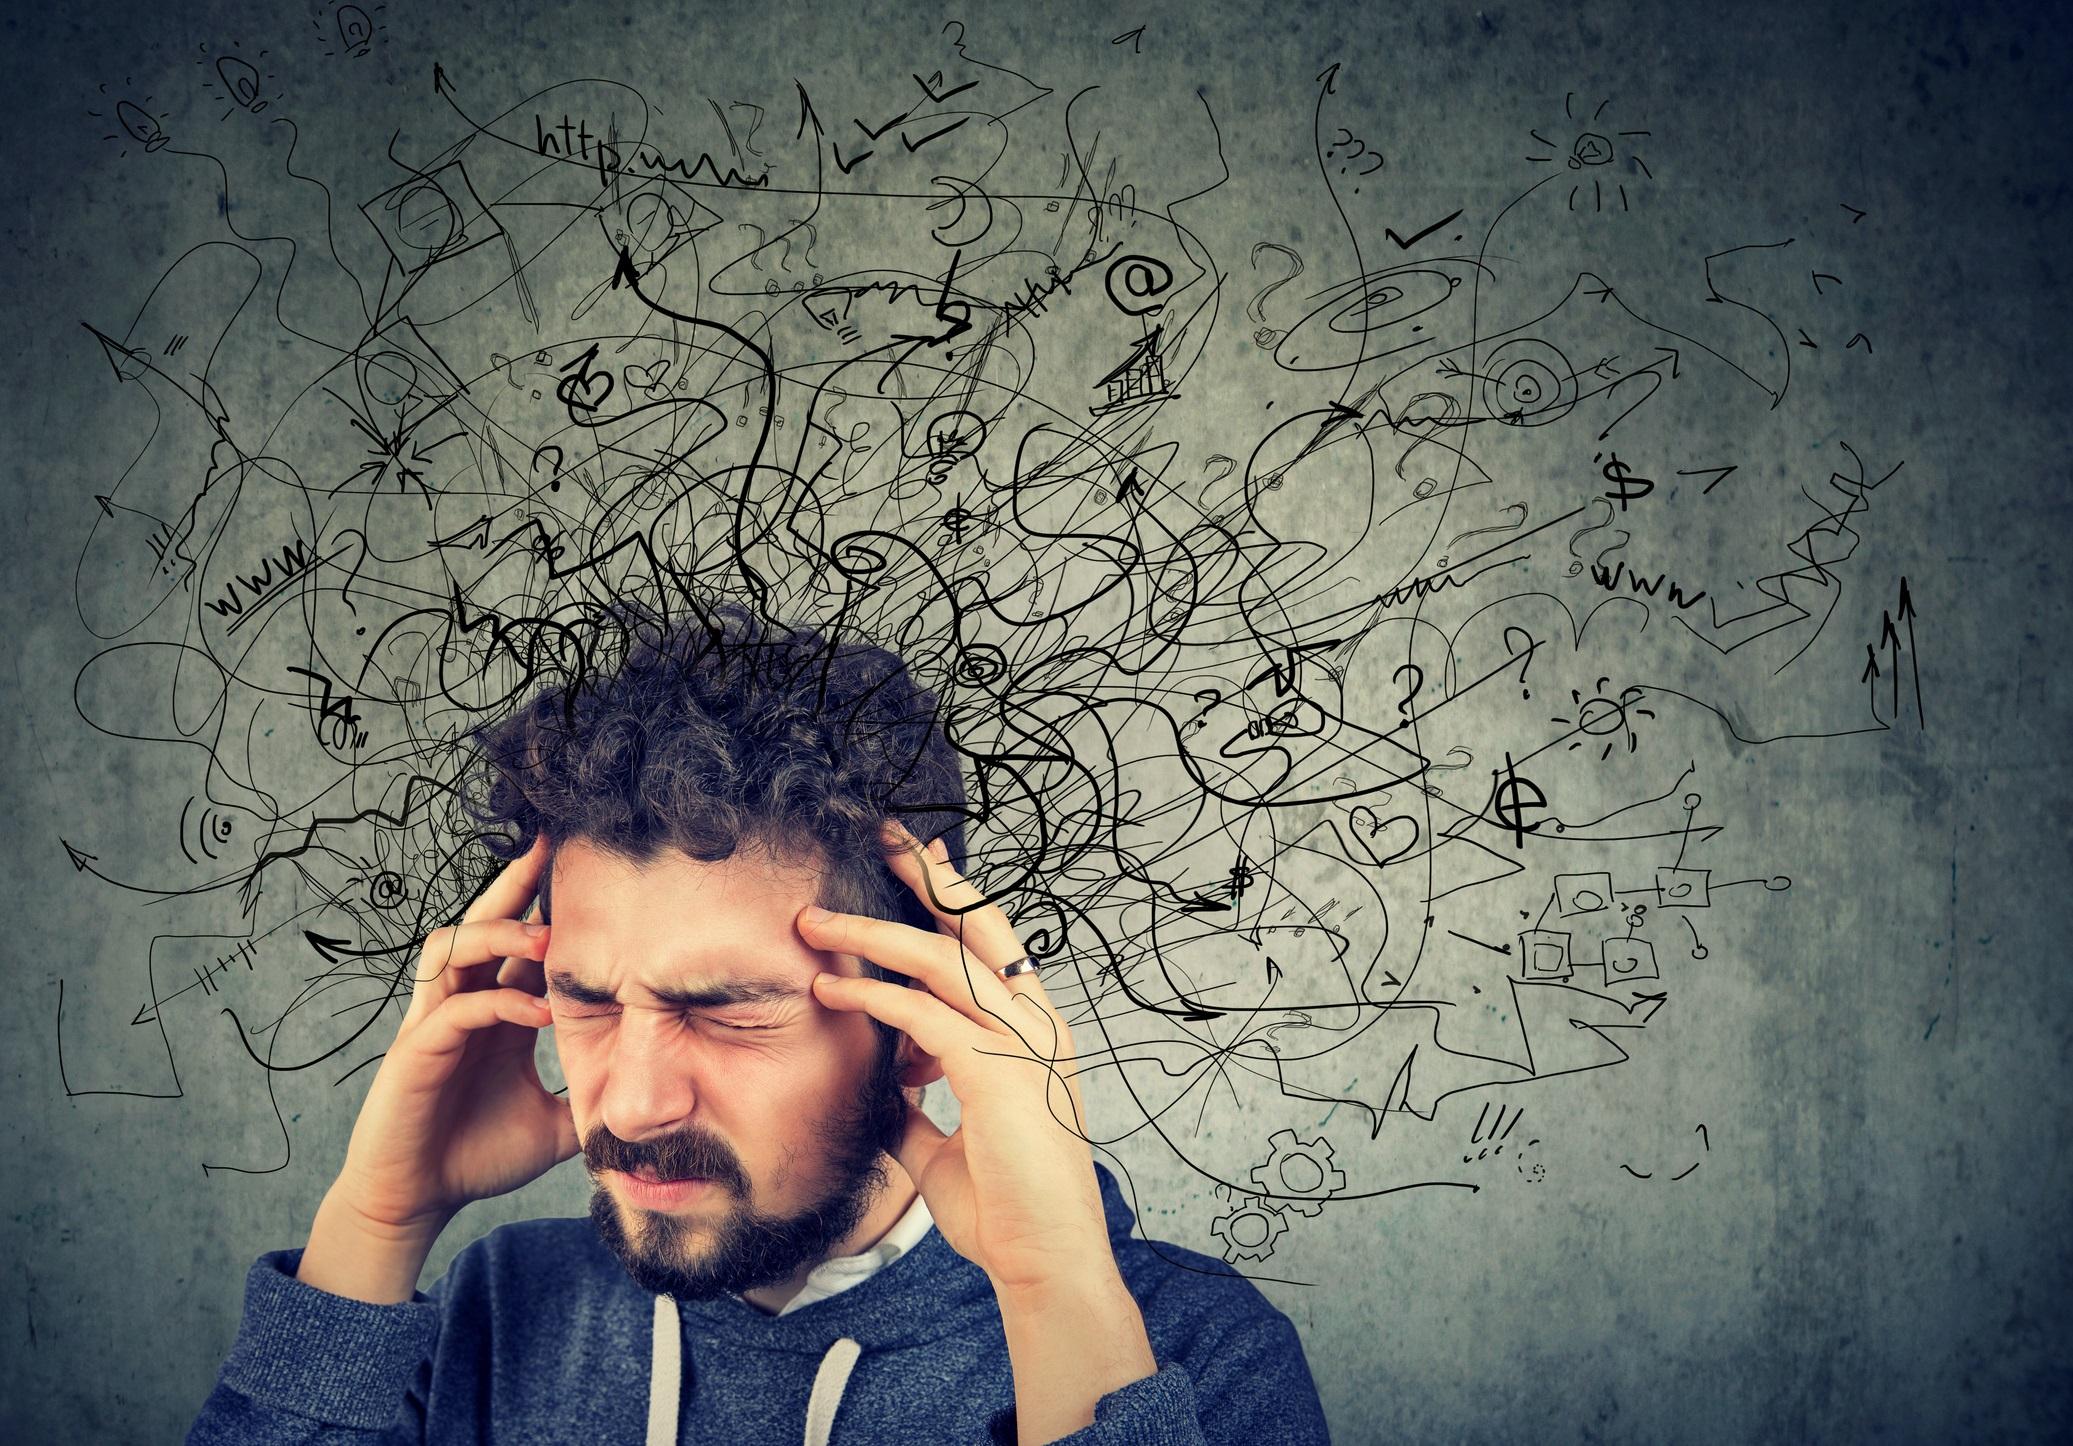 <p>Не игнорирайте стреса<br /> <br /> Една от най-големите грешки, които можете да допуснете с оглед здравето ви е да игнорирате емоционалния стрес. Не го правете, просто намерете начин да се справите с него с разговор, или физическа активност, или хоби. Така здравето ви значително ще се подобри.</p>